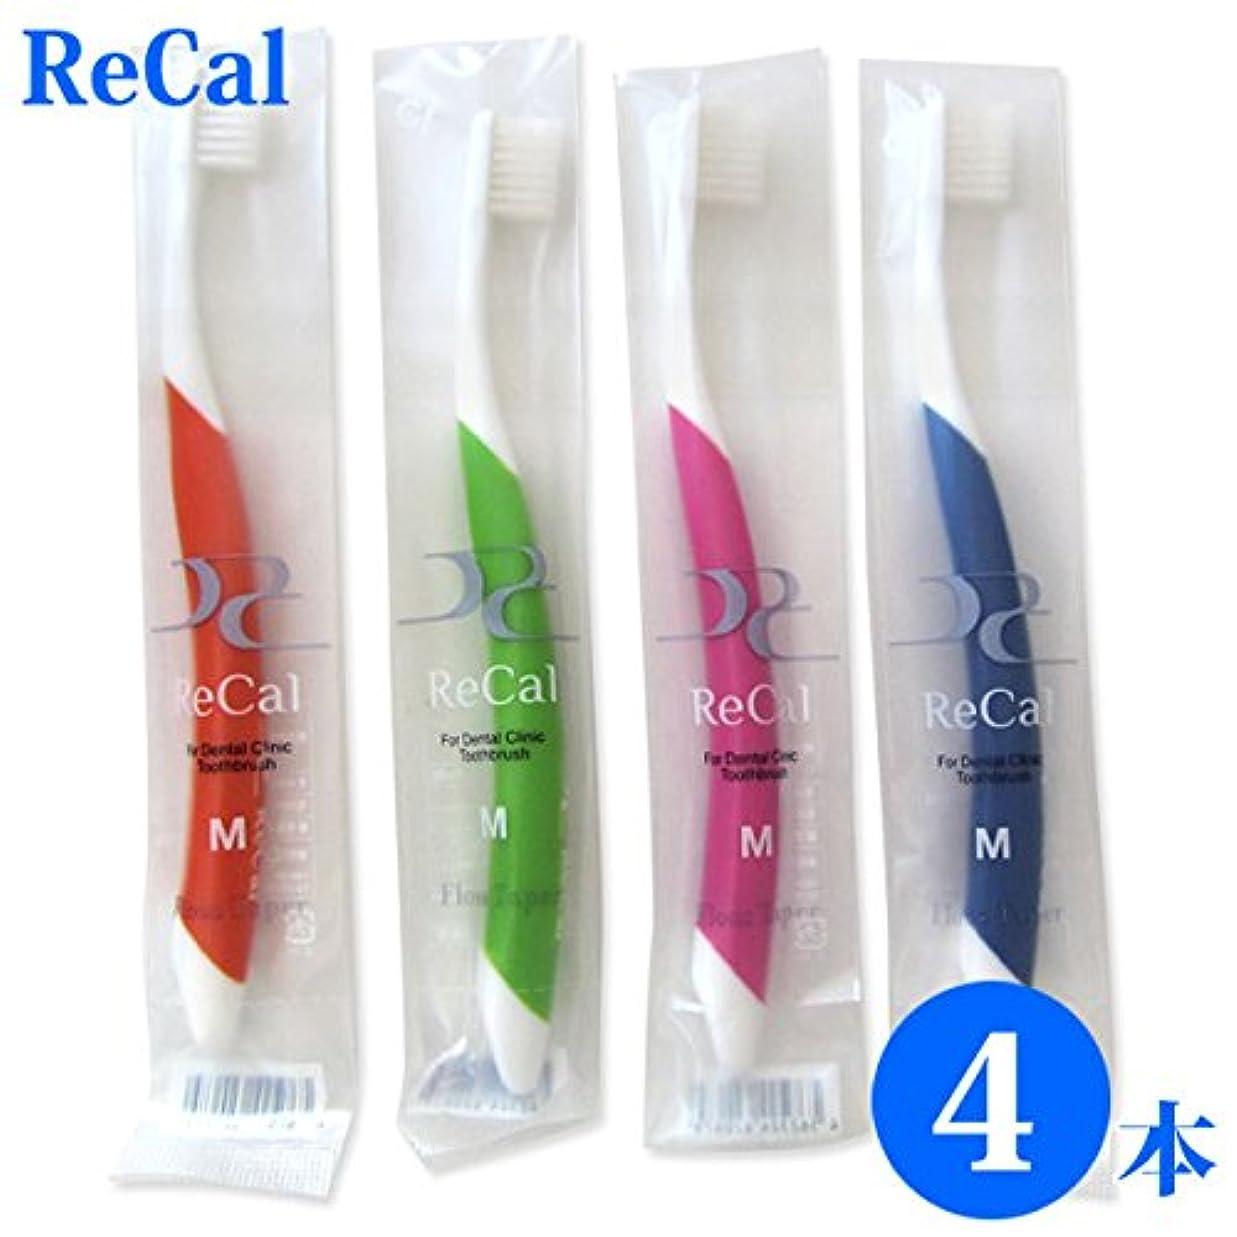 リカル 4色セット 歯科医院専用商品 ReCal リカル M 大人用 一般 歯ブラシ4本 場合20本ま